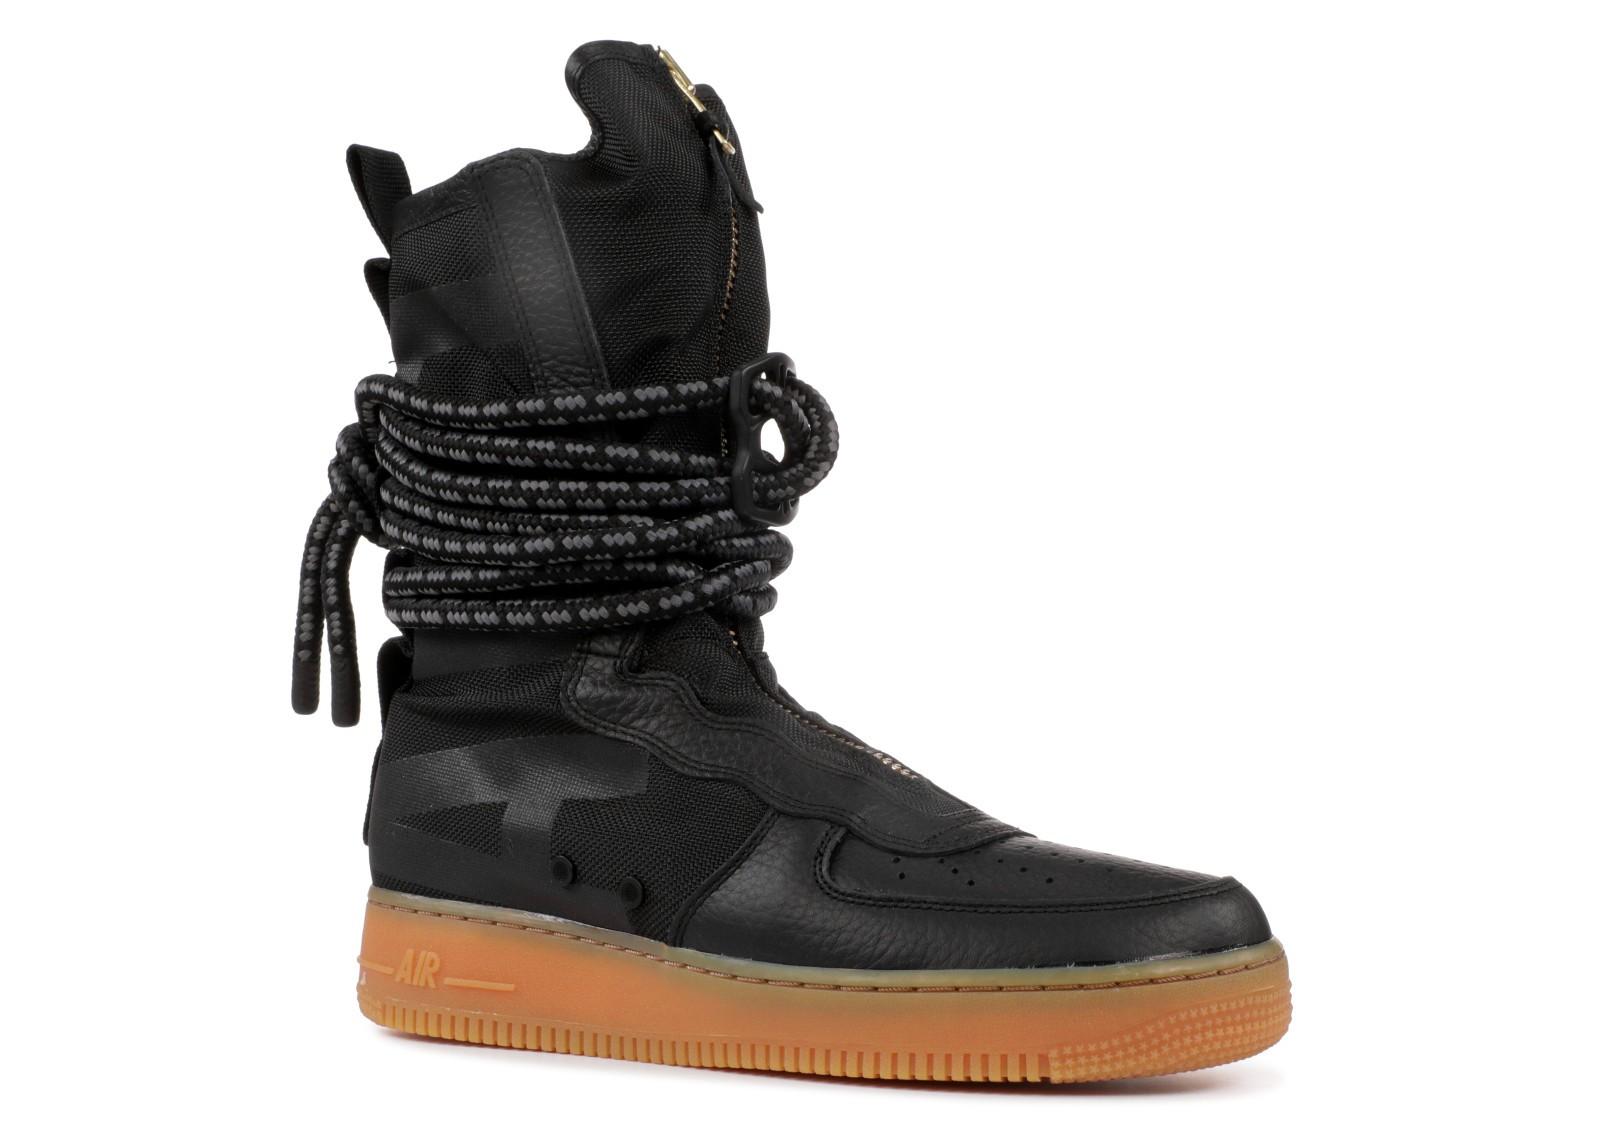 Sf Force 1 Af1 Black High Nike Med Gum 001 Brown Aa1128 Air Yf6gbmyvI7